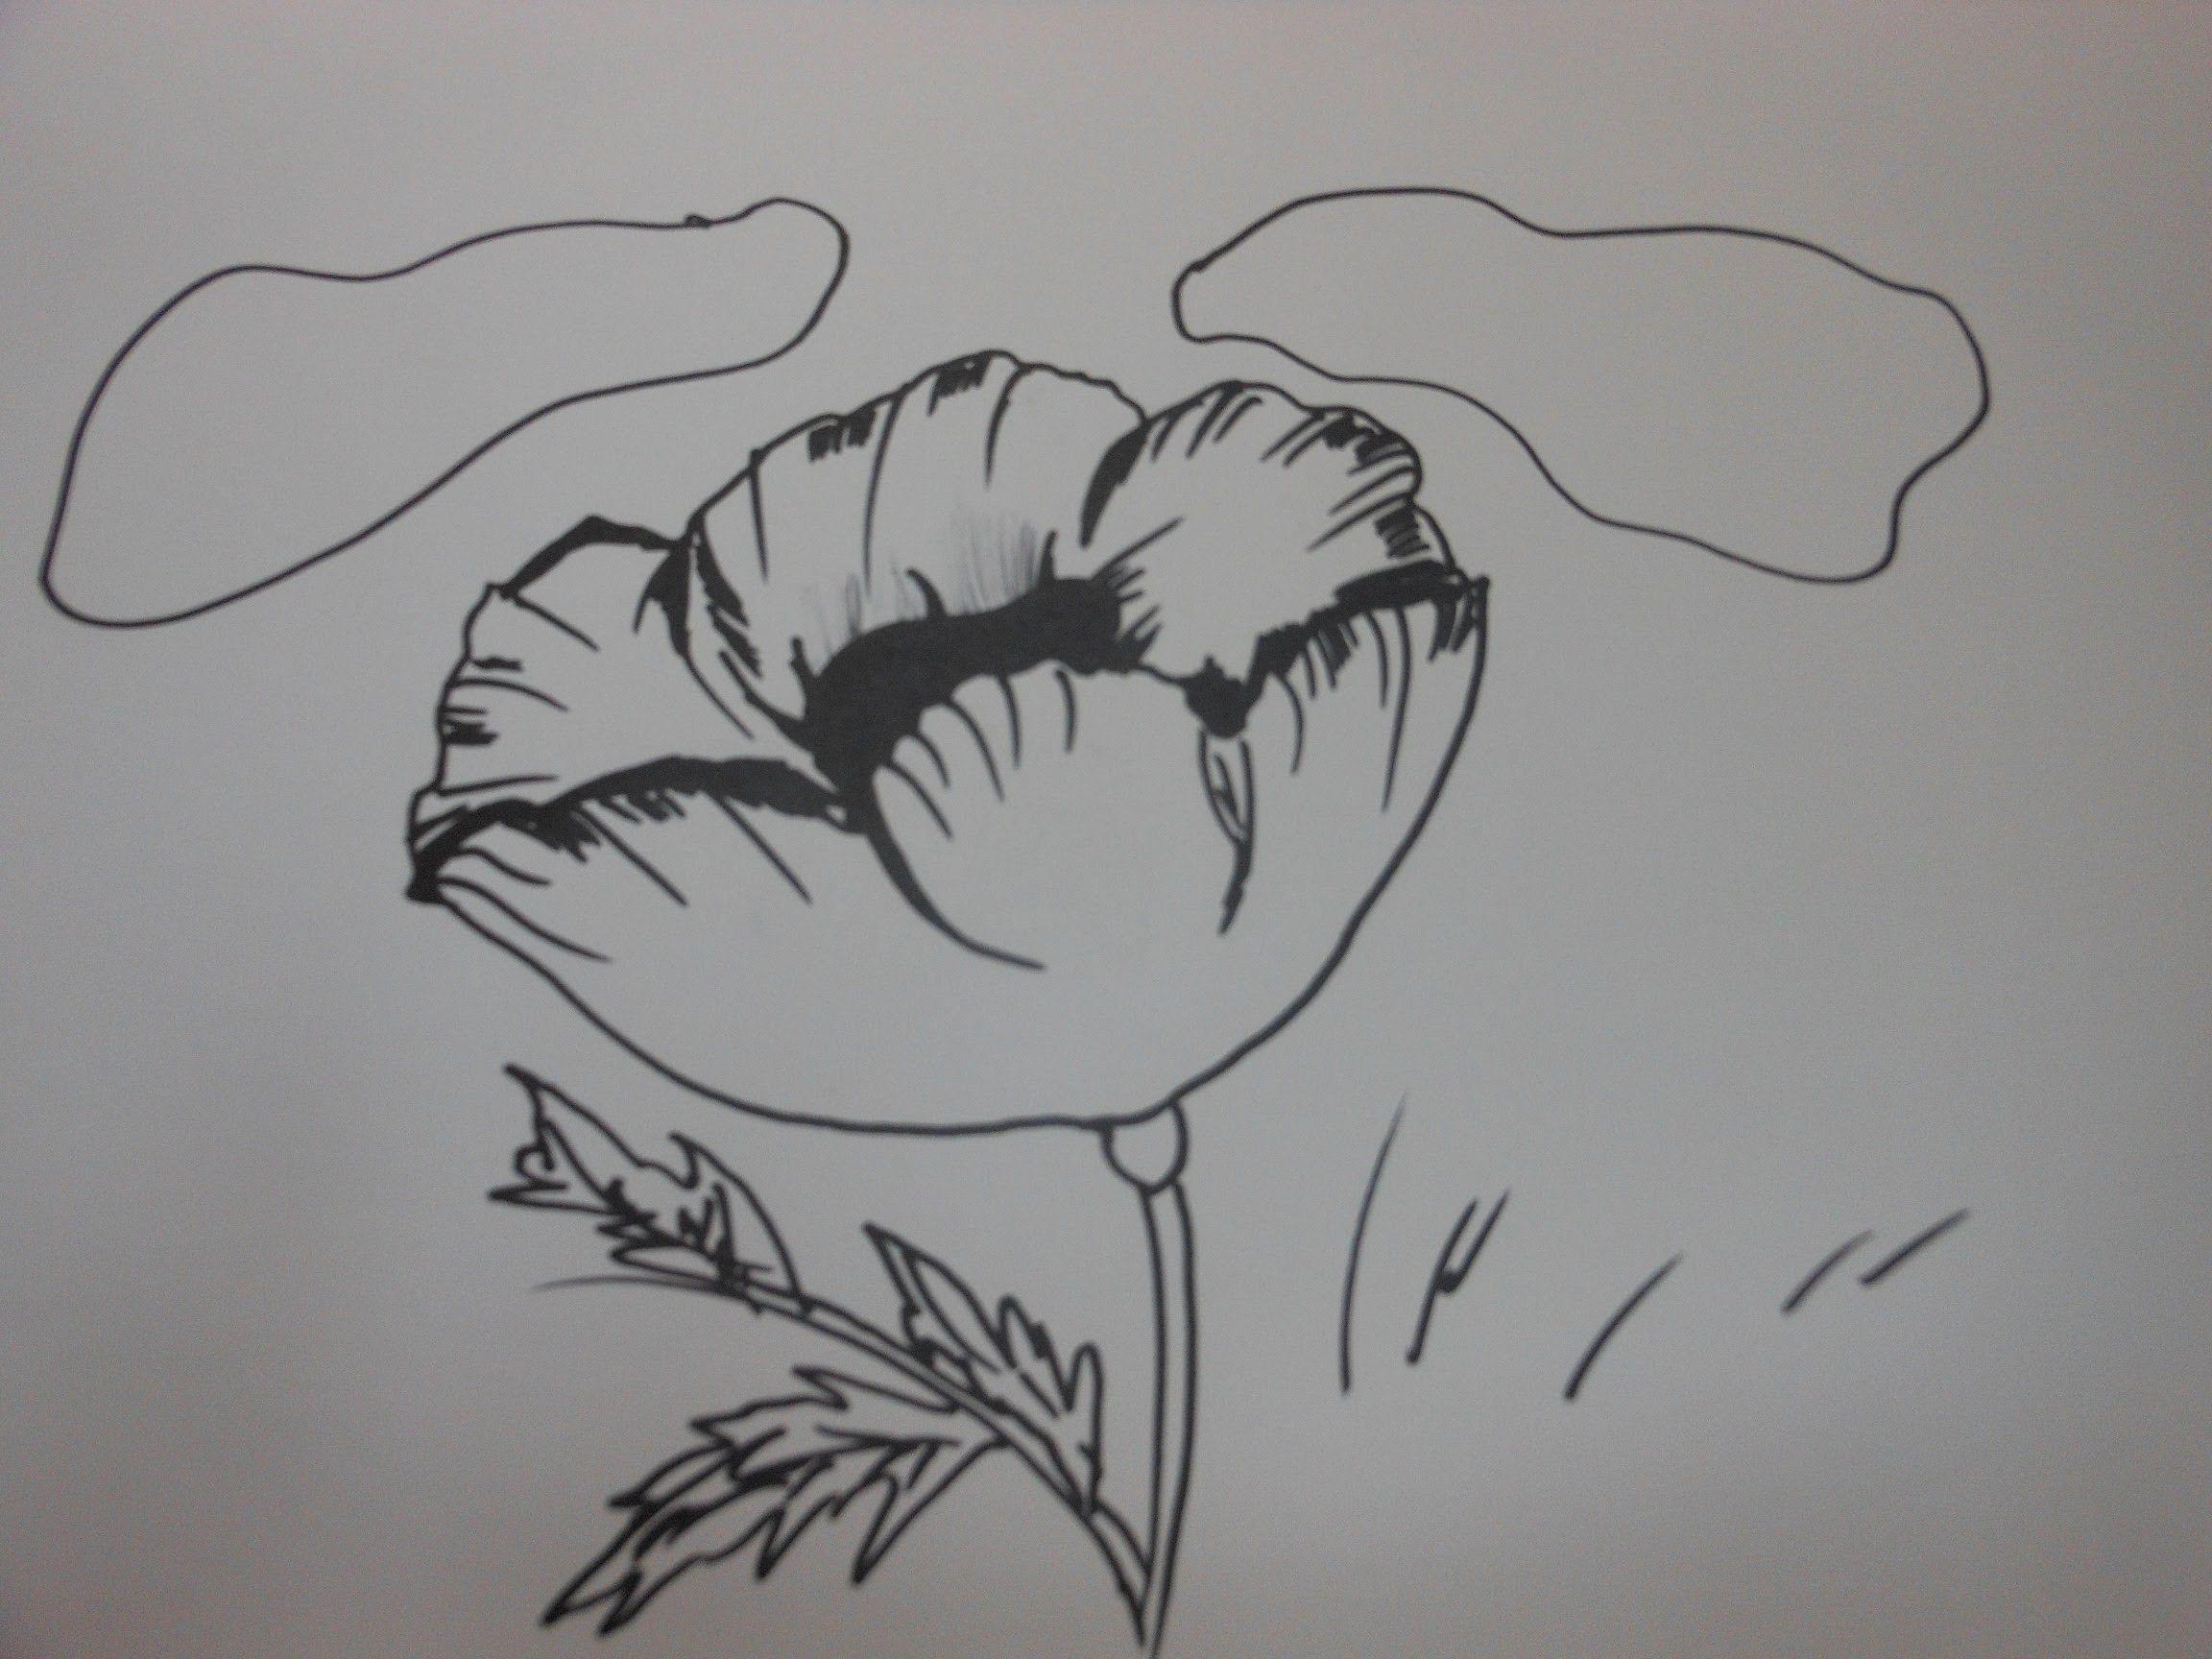 How to draw a poppy flower step by step tutorial videos how to draw a poppy flower step by step tutorial mightylinksfo